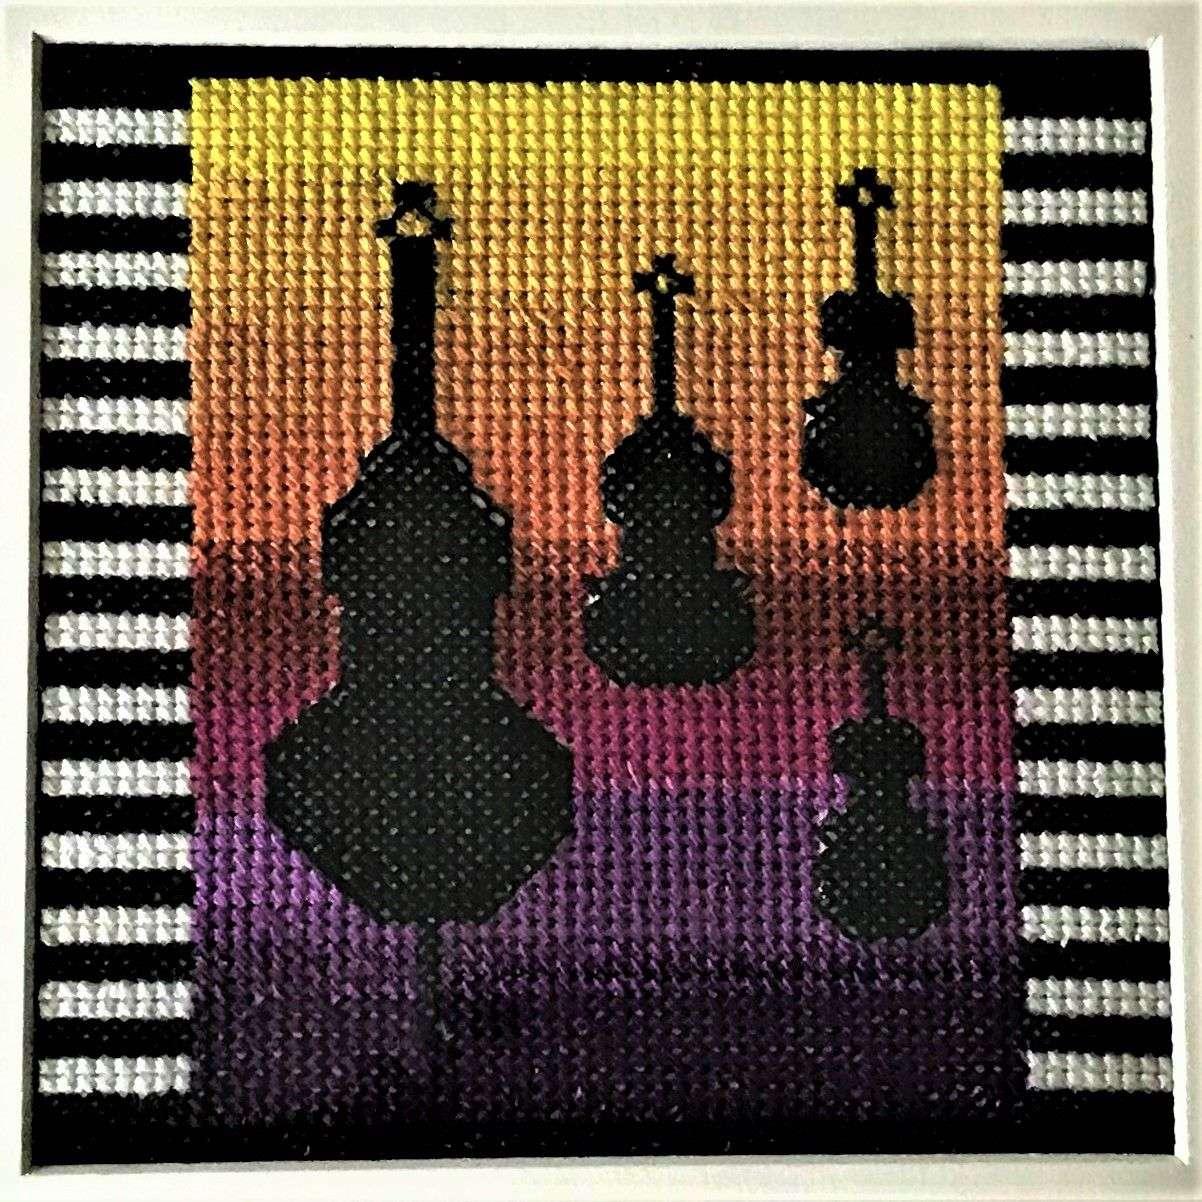 Quintet Silhouette by Linda Van Peene